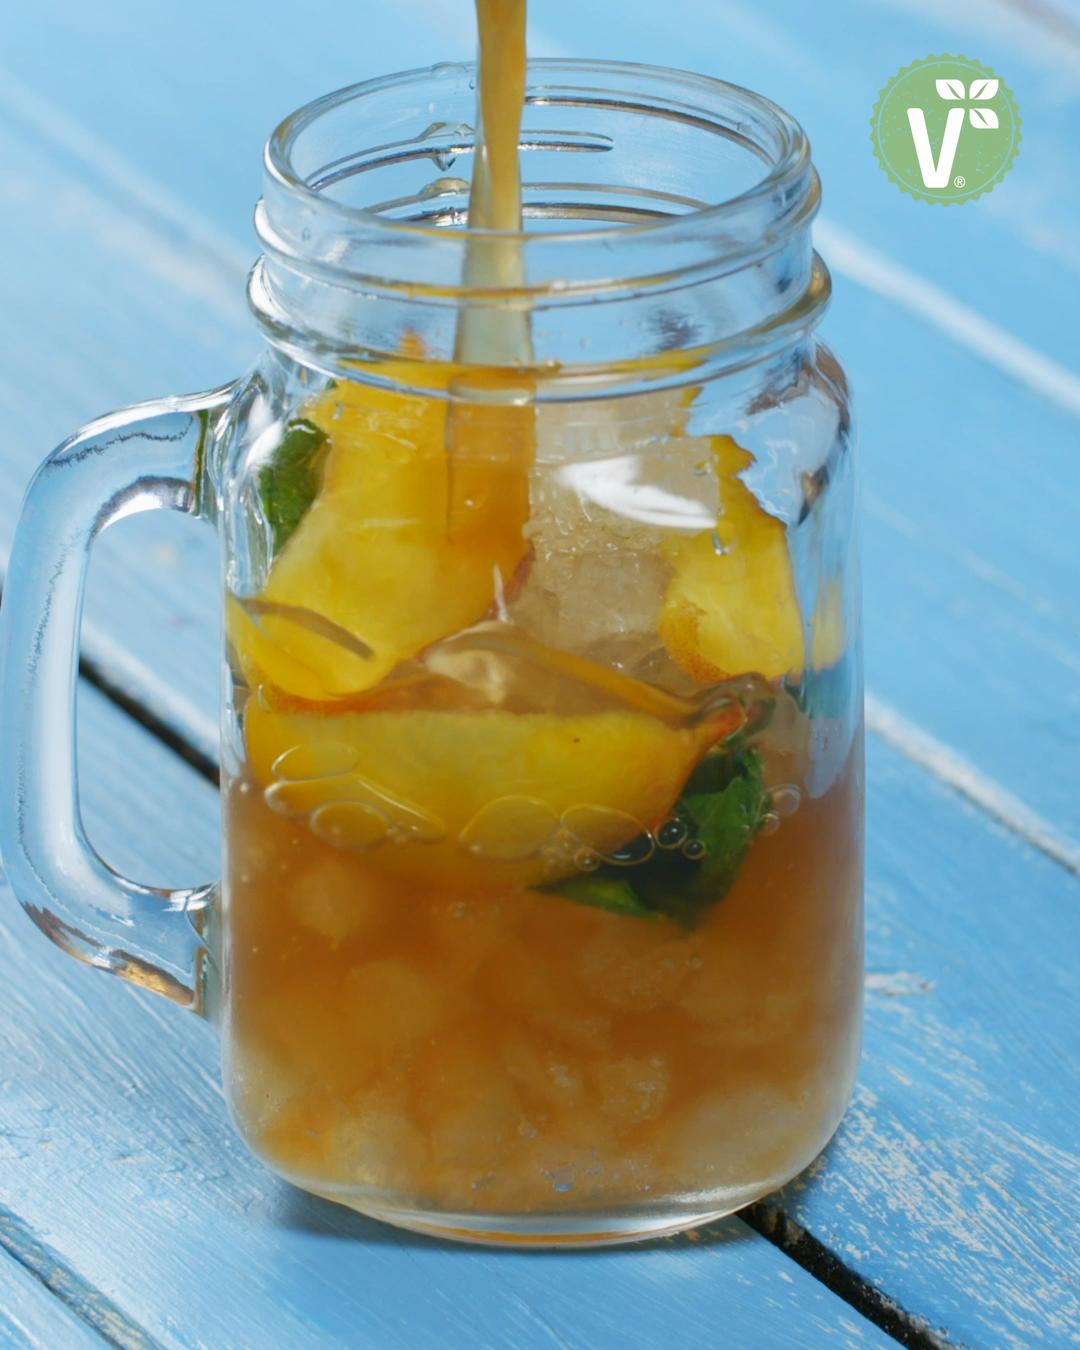 Eistee mit frischer Minze und saftigen Pfirsichen selber machen – Volmary QuickTipps #starbuckscake